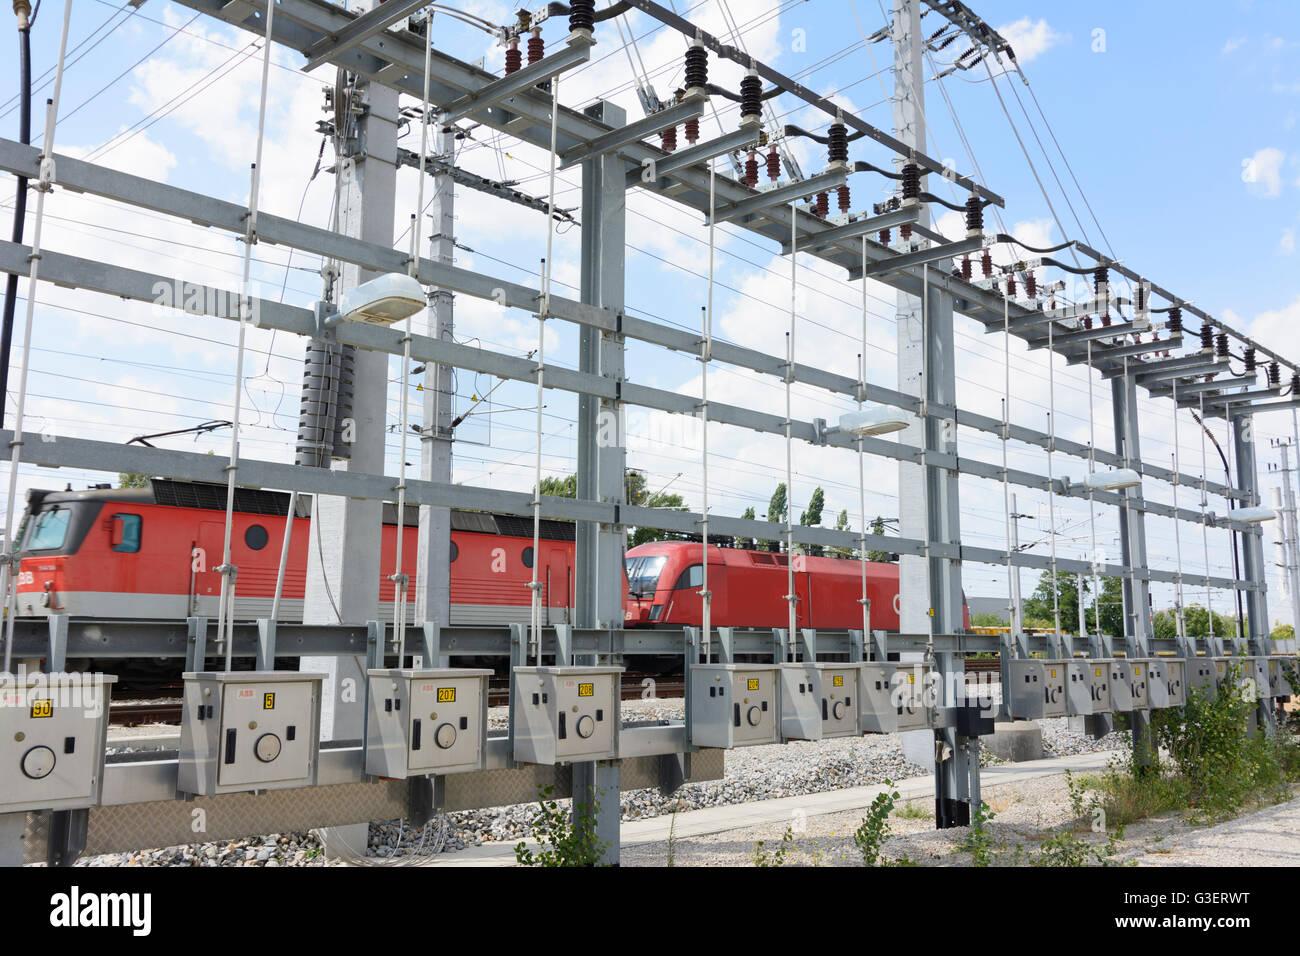 Switching backbone of catenary ÖBB, Austria, Wien, 10., Wien, Vienna - Stock Image